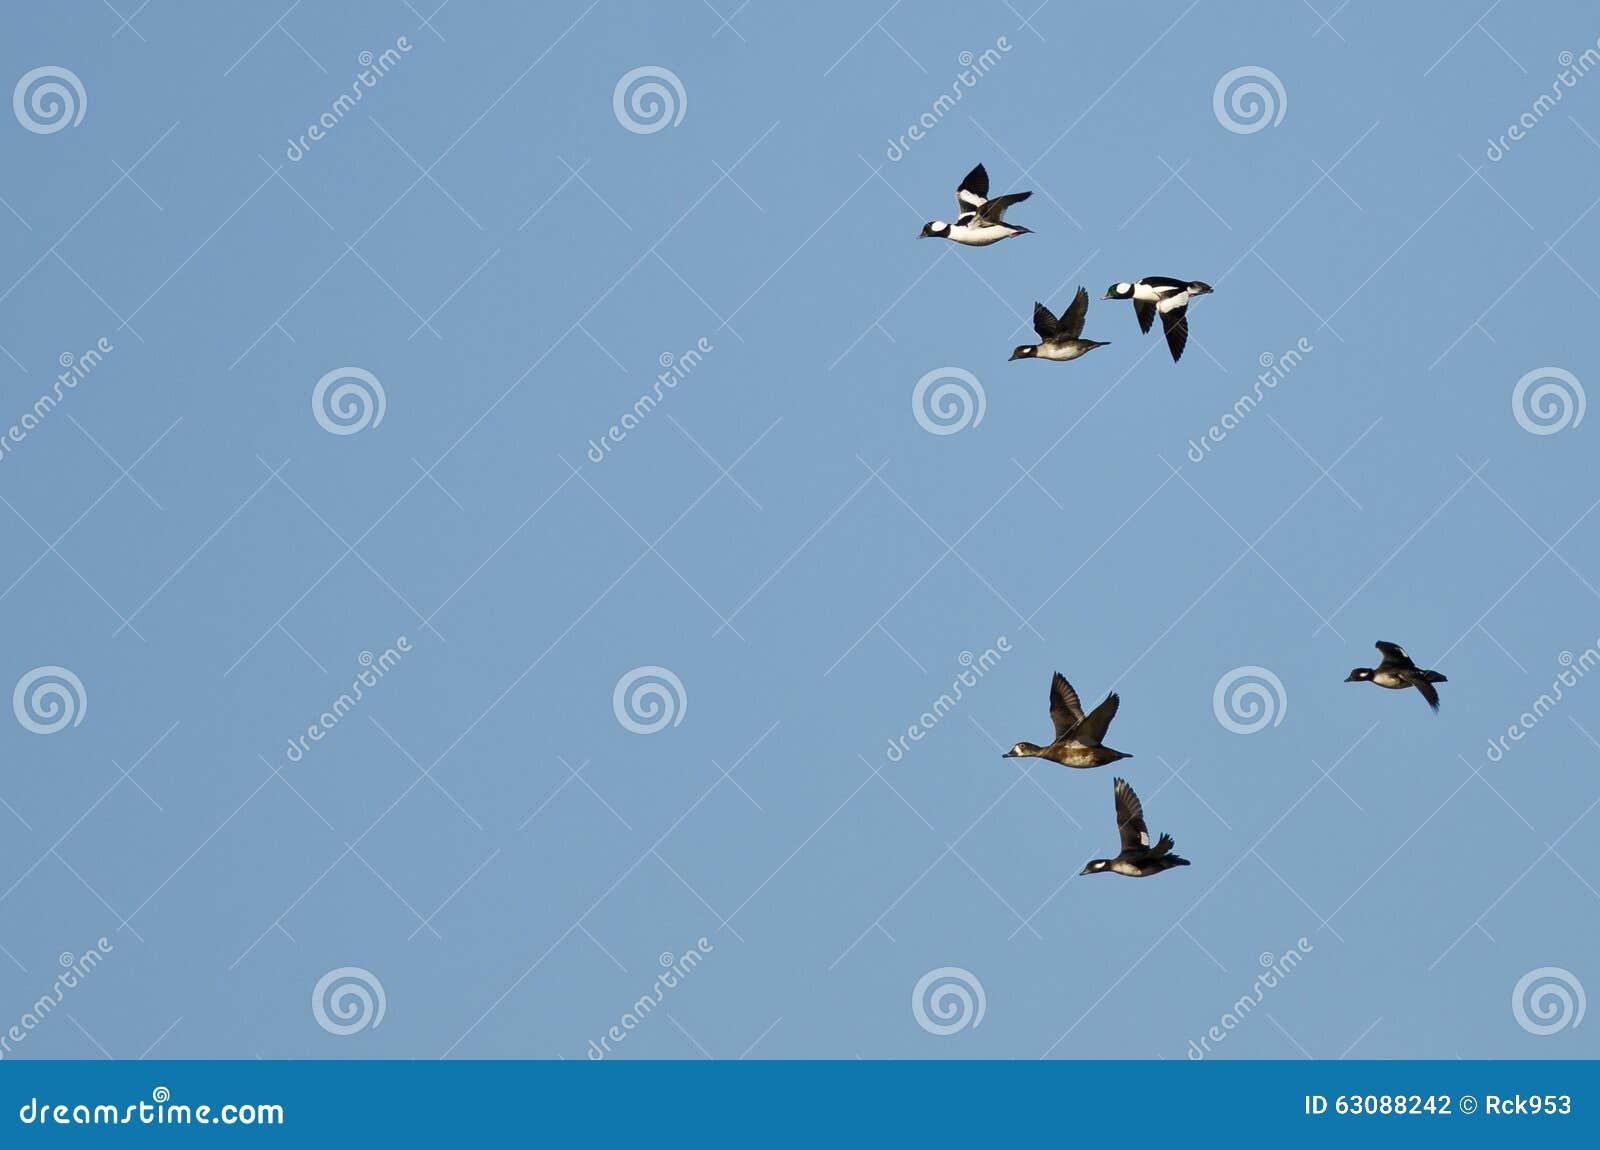 Download Le Troupeau Du Bufflehead Penche Le Vol Dans Un Ciel Bleu Photo stock - Image du faune, entourer: 63088242